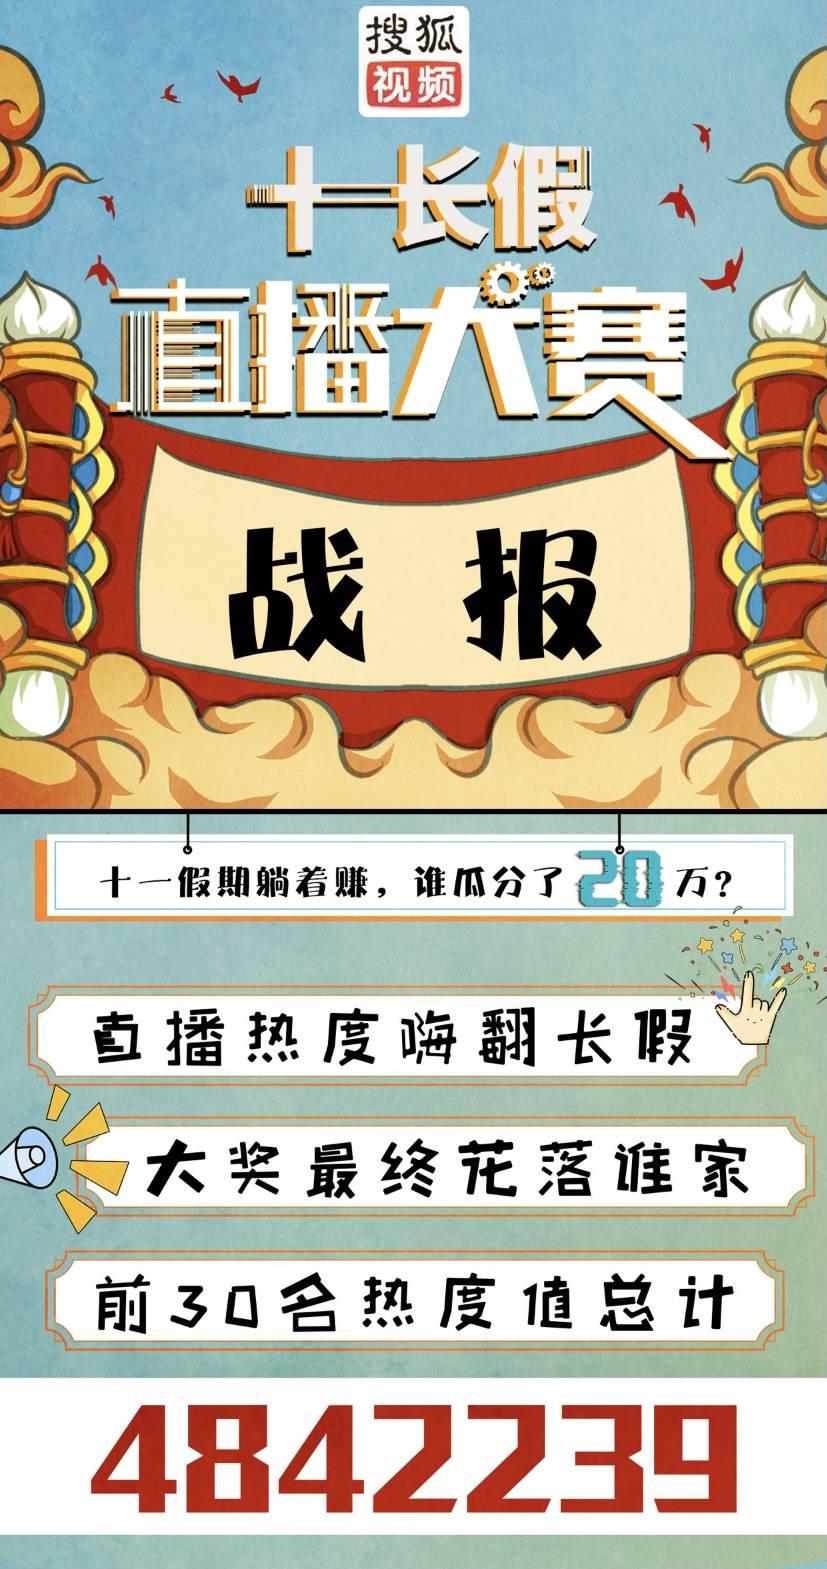 搜狐11长假直播大赛宣布全